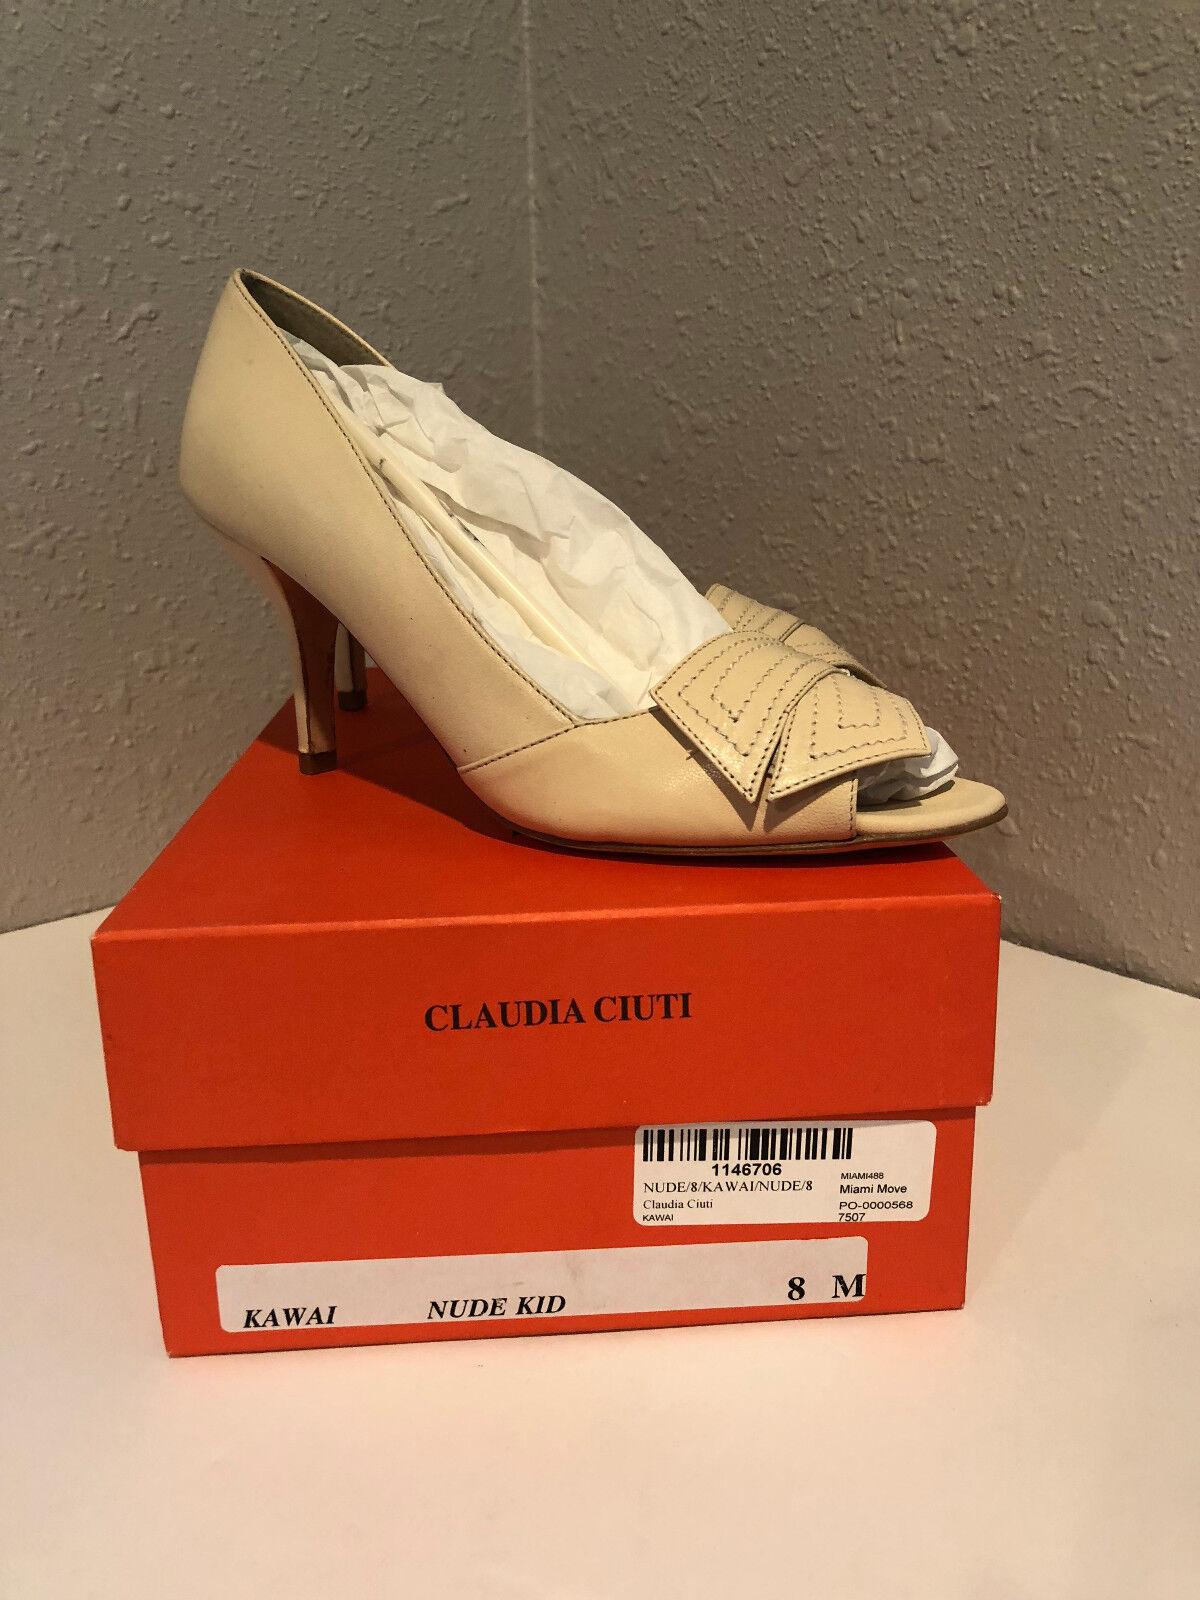 Claudia Ciuti Ciuti Ciuti Tacones Talla 8 Desnuda Niño Marfil clásico para mujer de moda Zapatos de salón  Tienda de moda y compras online.